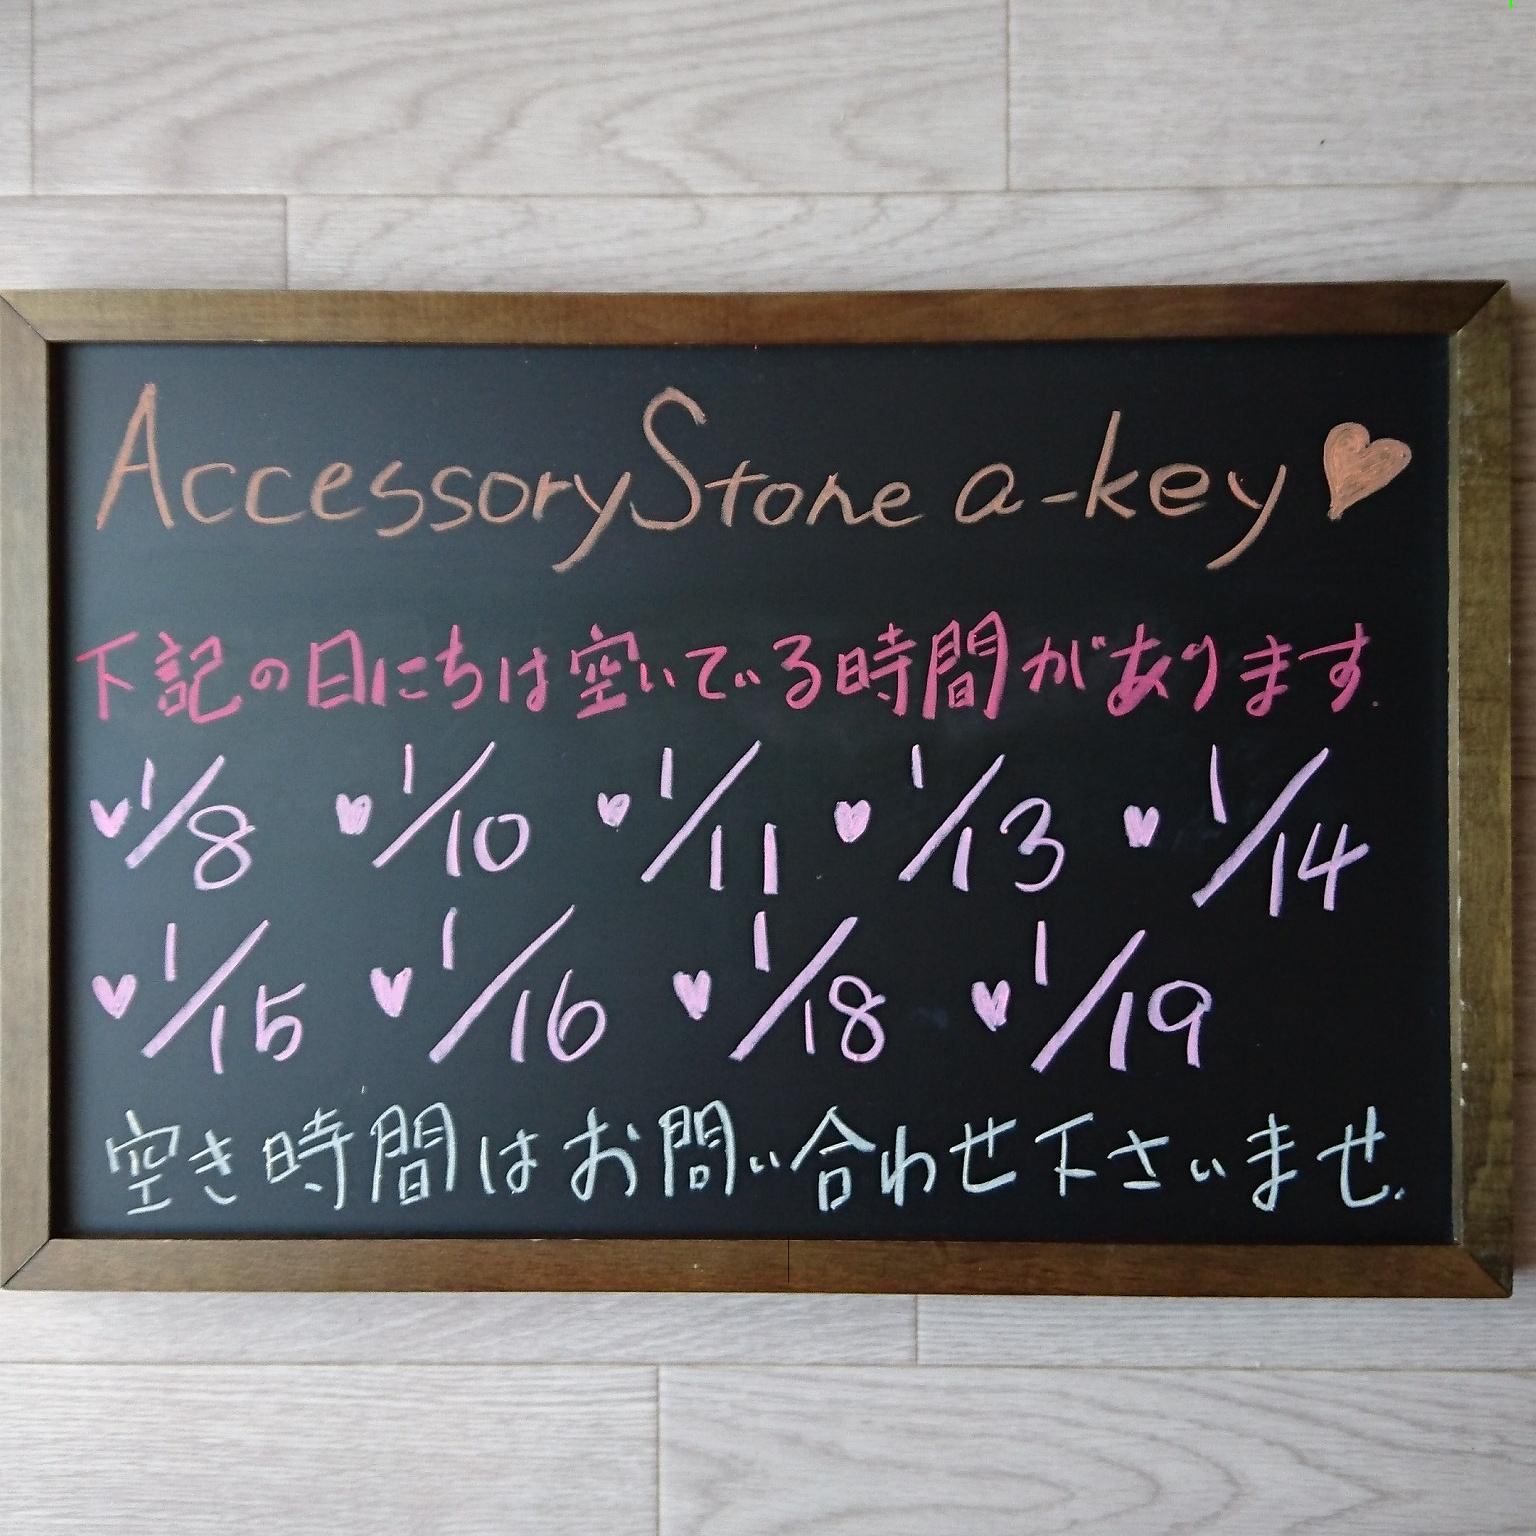 a-keyサロンの空き状況♪